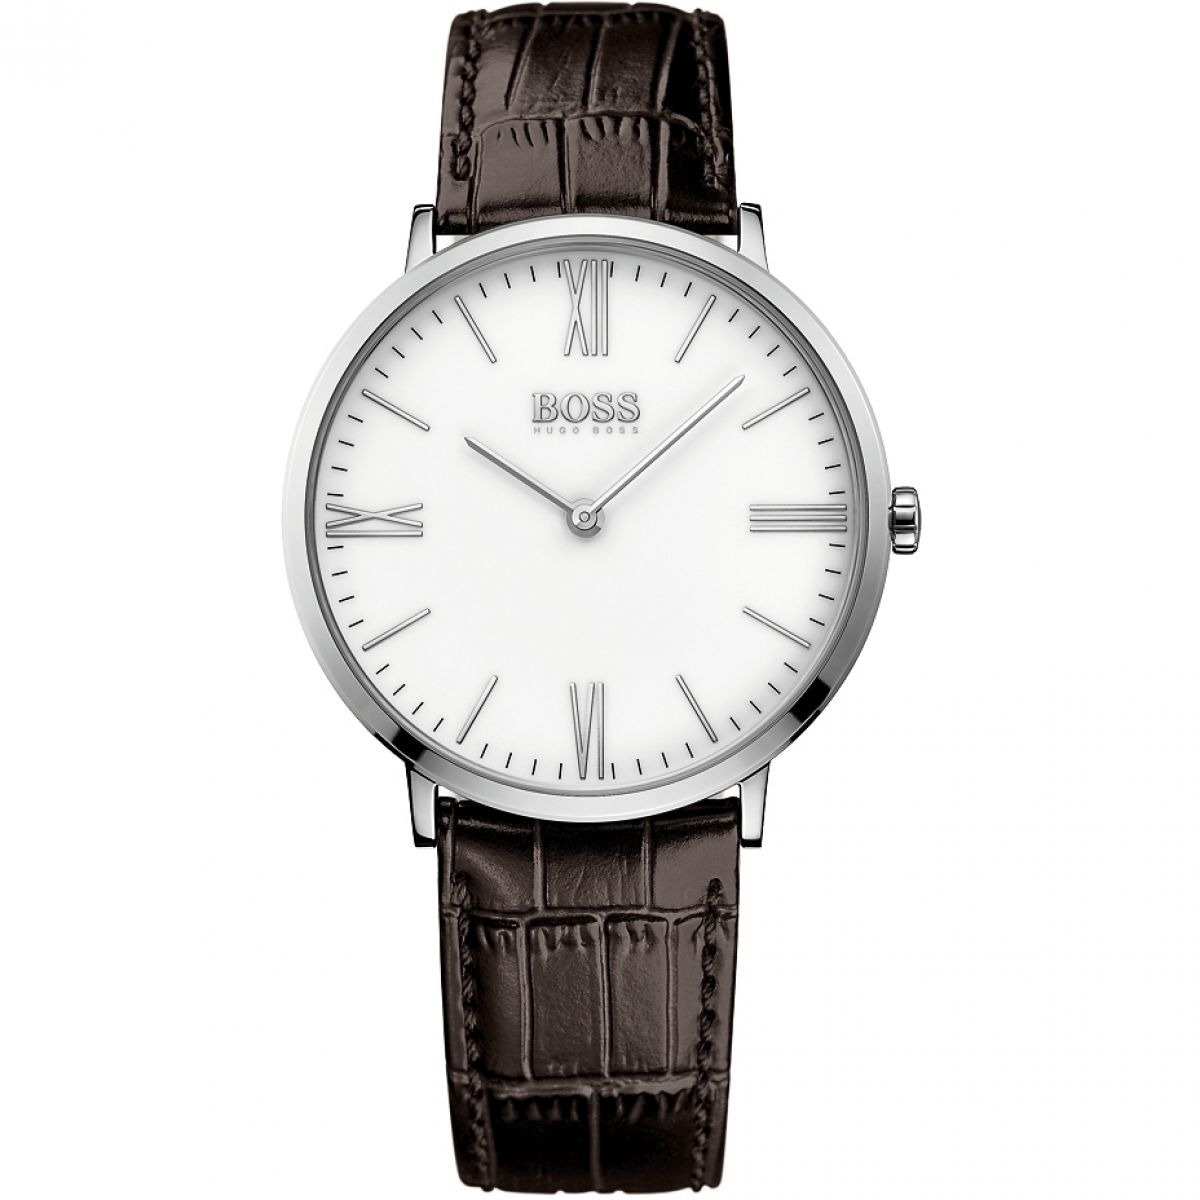 668e03cf00b3 reloj hugo boss 513373 correa cuero cafe original y nuevo. Cargando zoom.